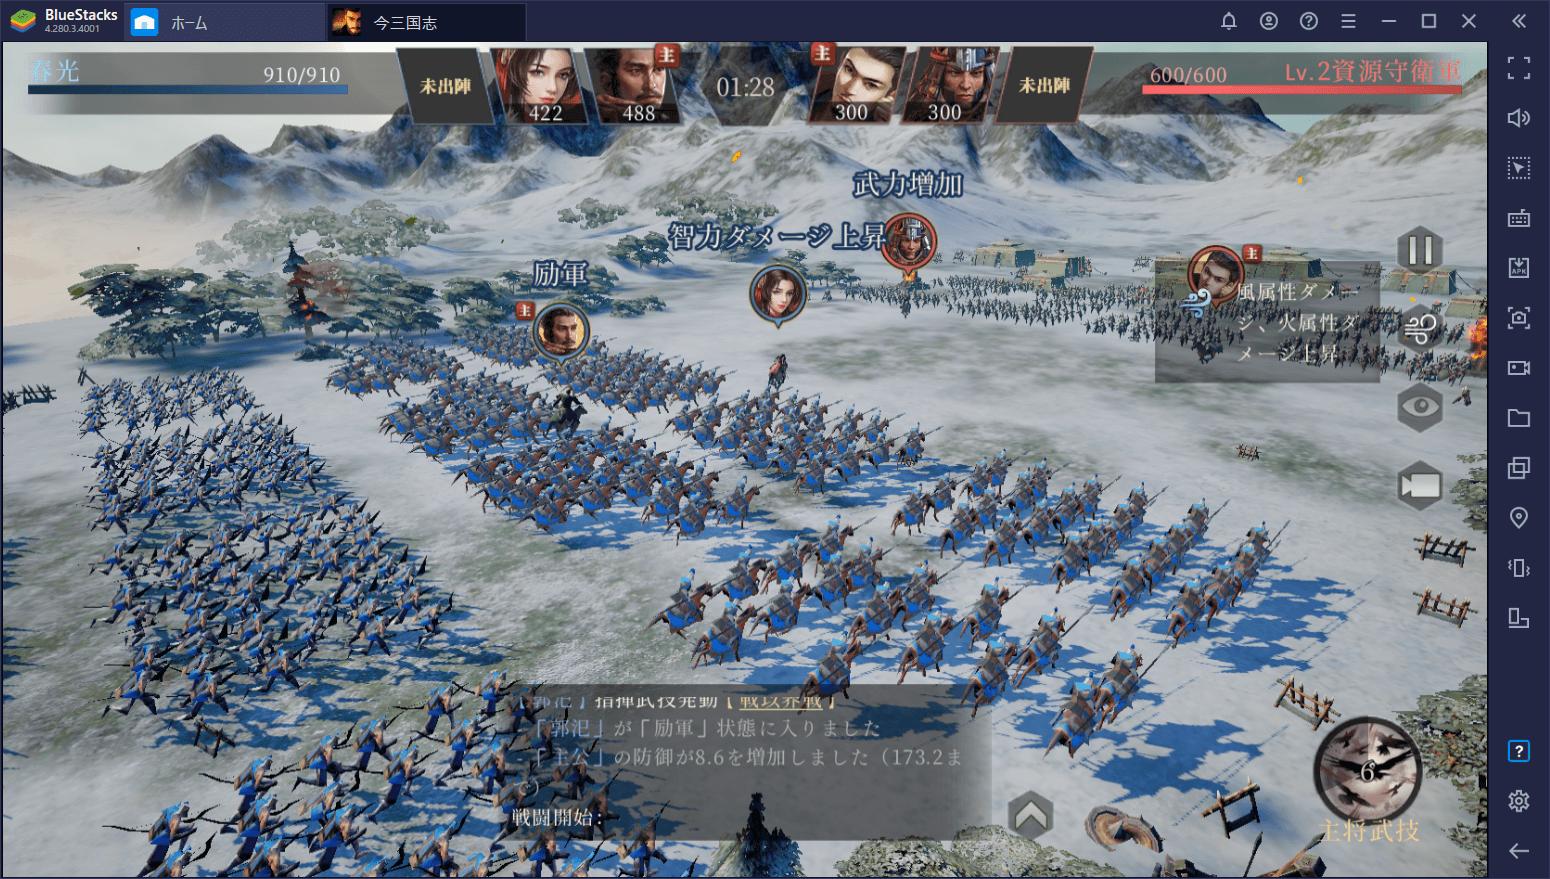 BlueStacksを使ってPCで『今三国志』を遊ぼう